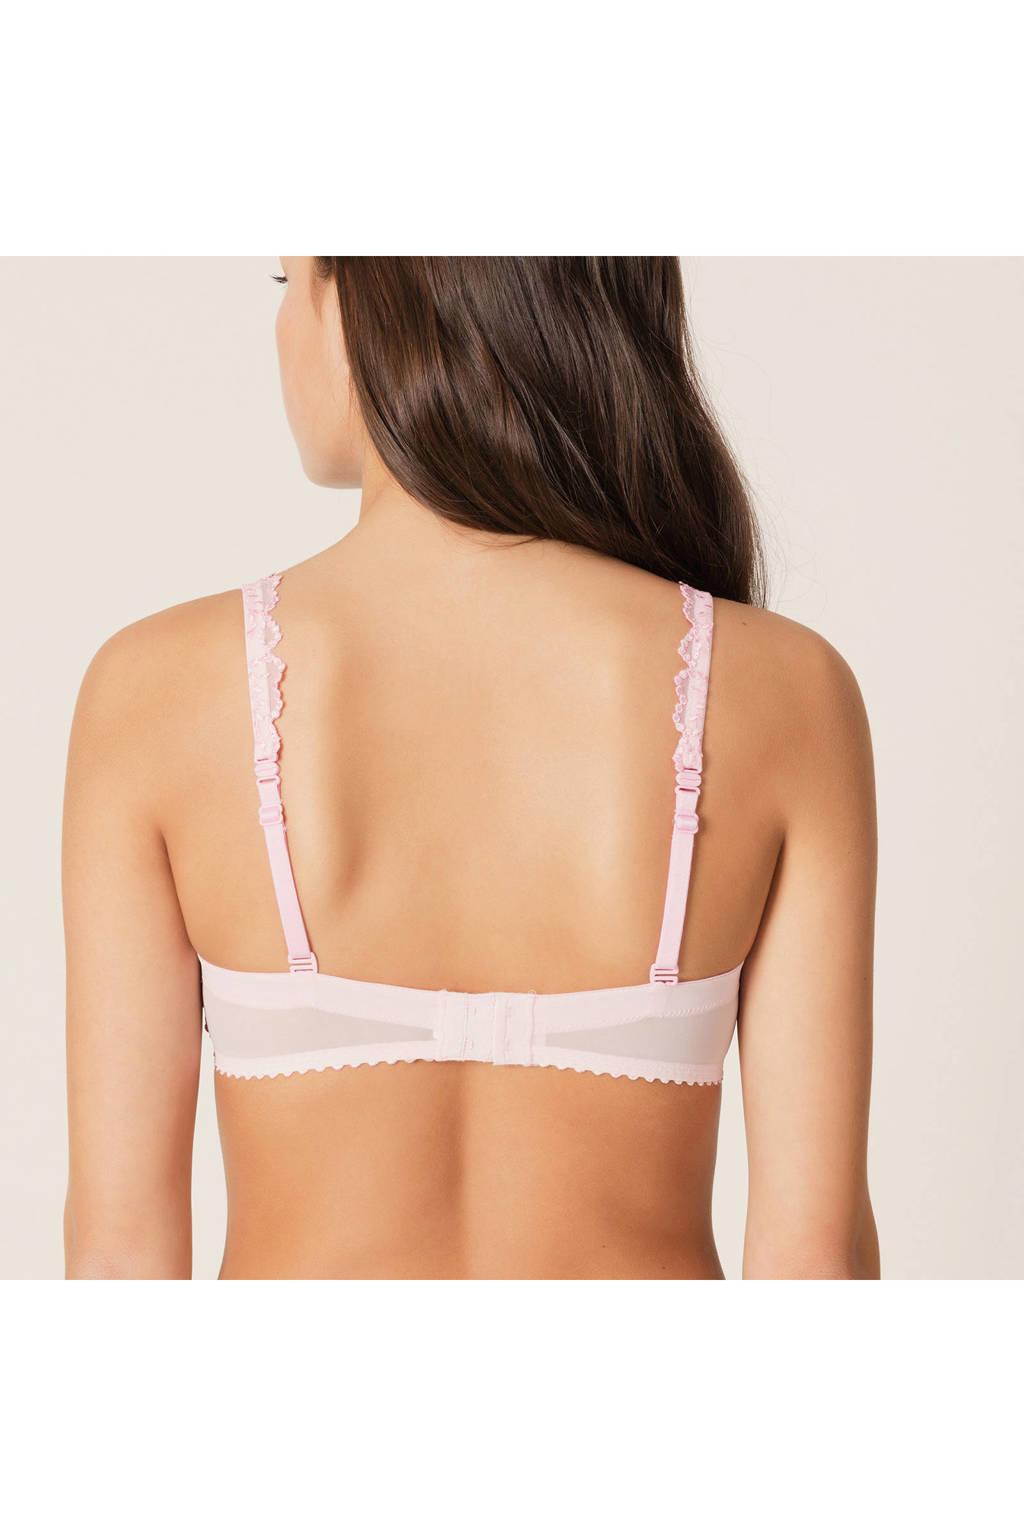 Marie Jo strapless voorgevormde beugelbh Jane roze, Roze